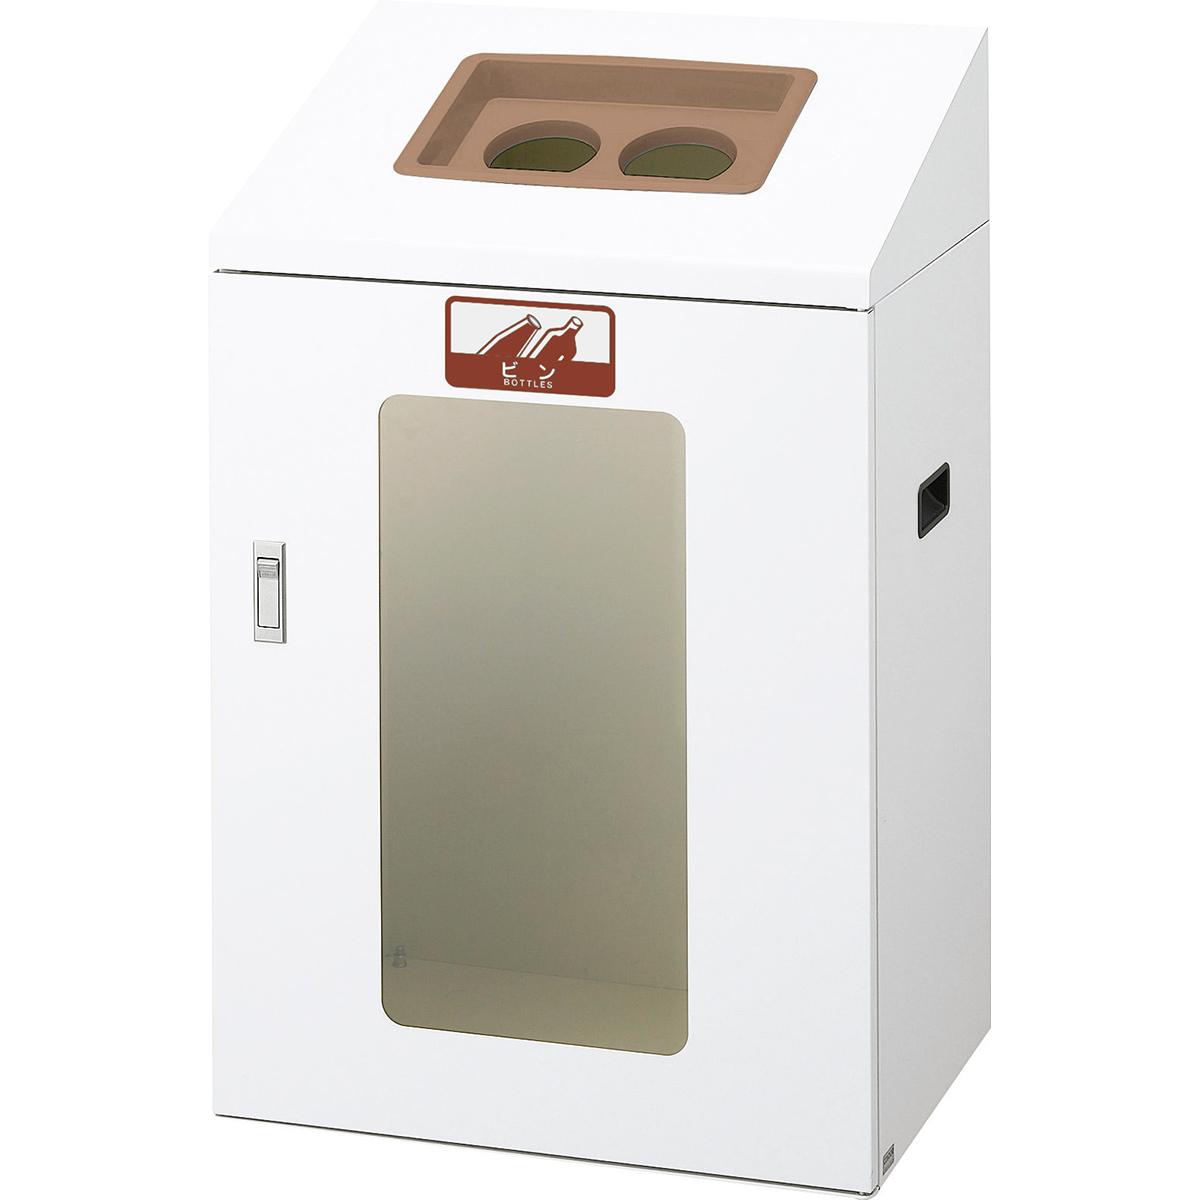 山崎産業 リサイクルボックス YIS-90 120L あきビン/BR(茶) (代引不可) YW-382L-ID